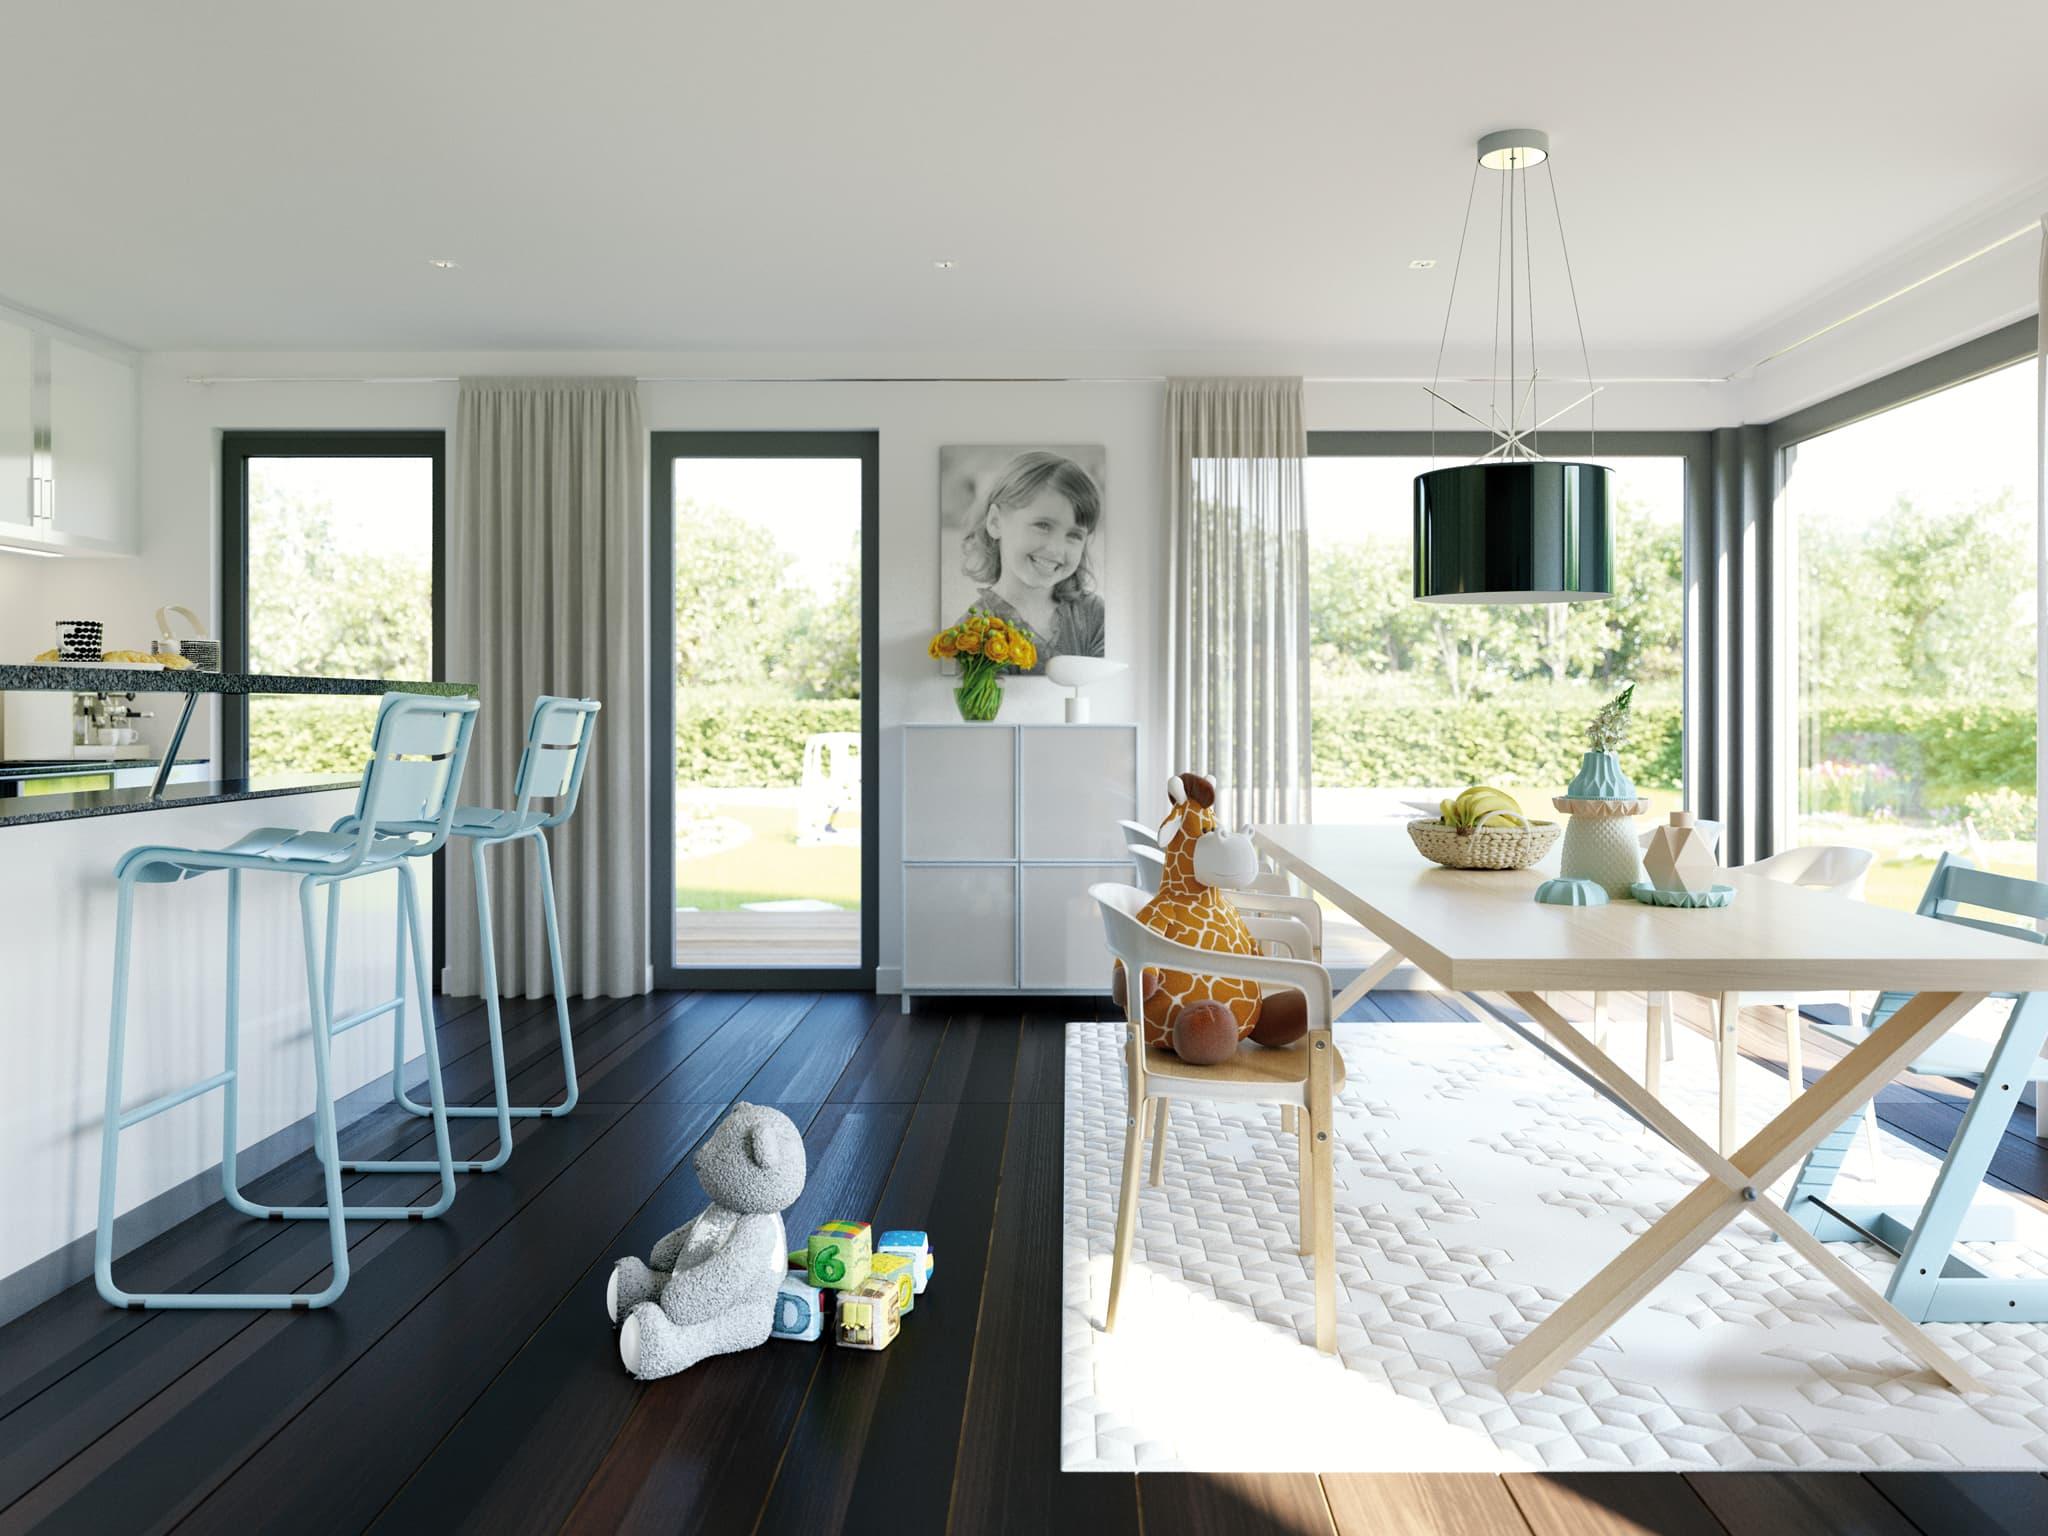 Offene Küche mit Esstisch - Ideen Einrichtung Fertighaus SOLUTION 230 V2 von Living Haus - HausbauDirekt.de